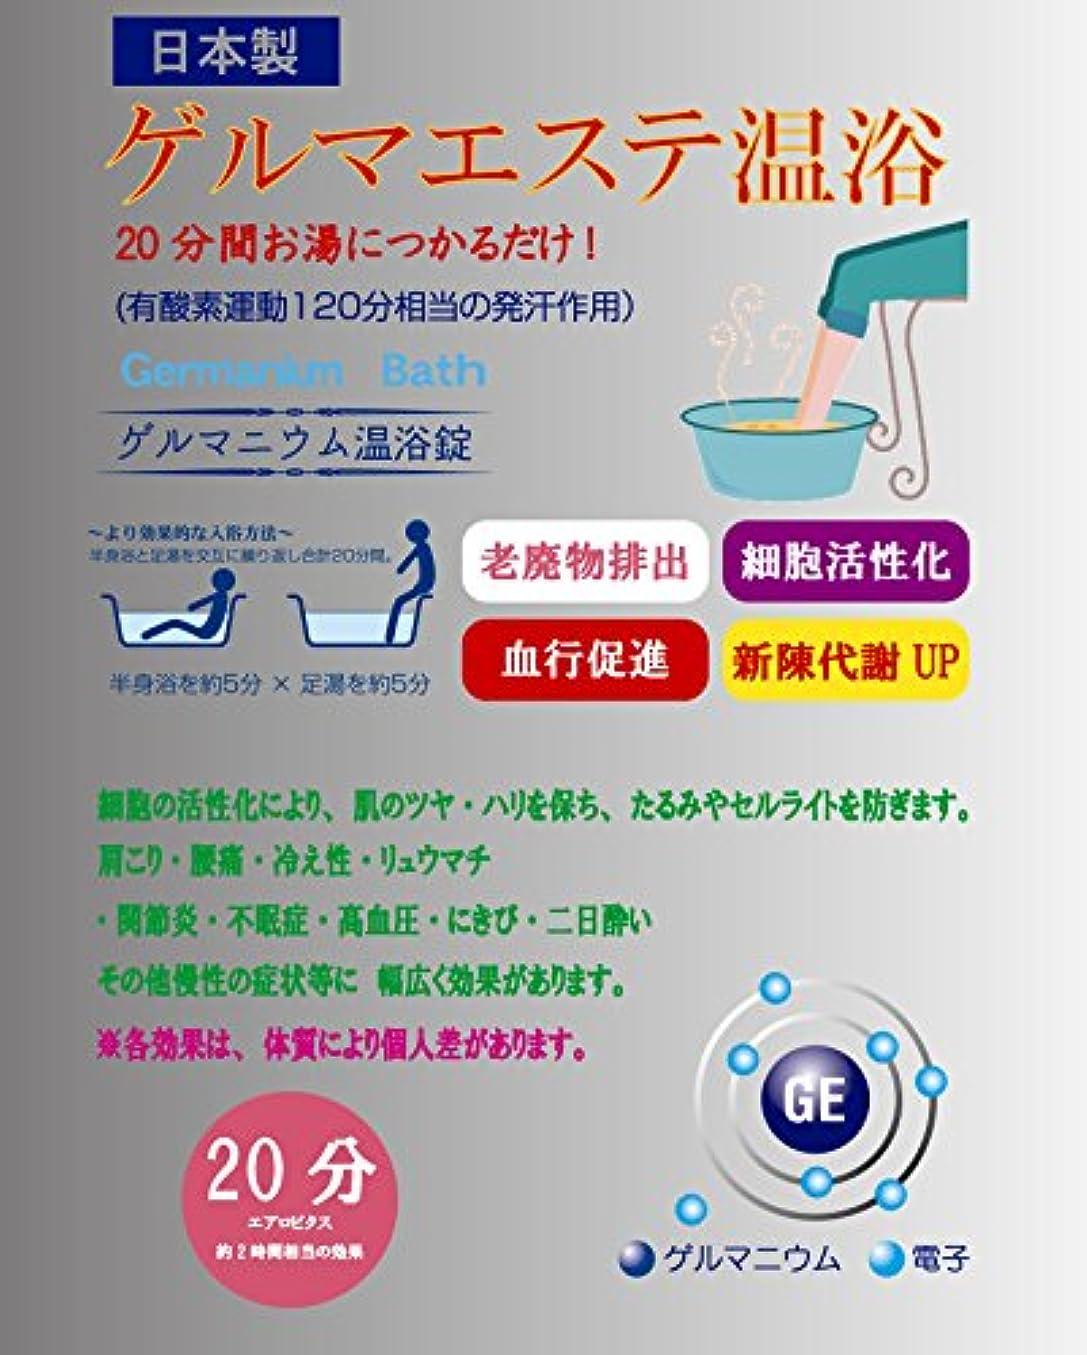 昇るガムオリエント日本製 ゲルマニウム温浴錠 6錠入り ゲルマエステ ゲルマニウム入浴